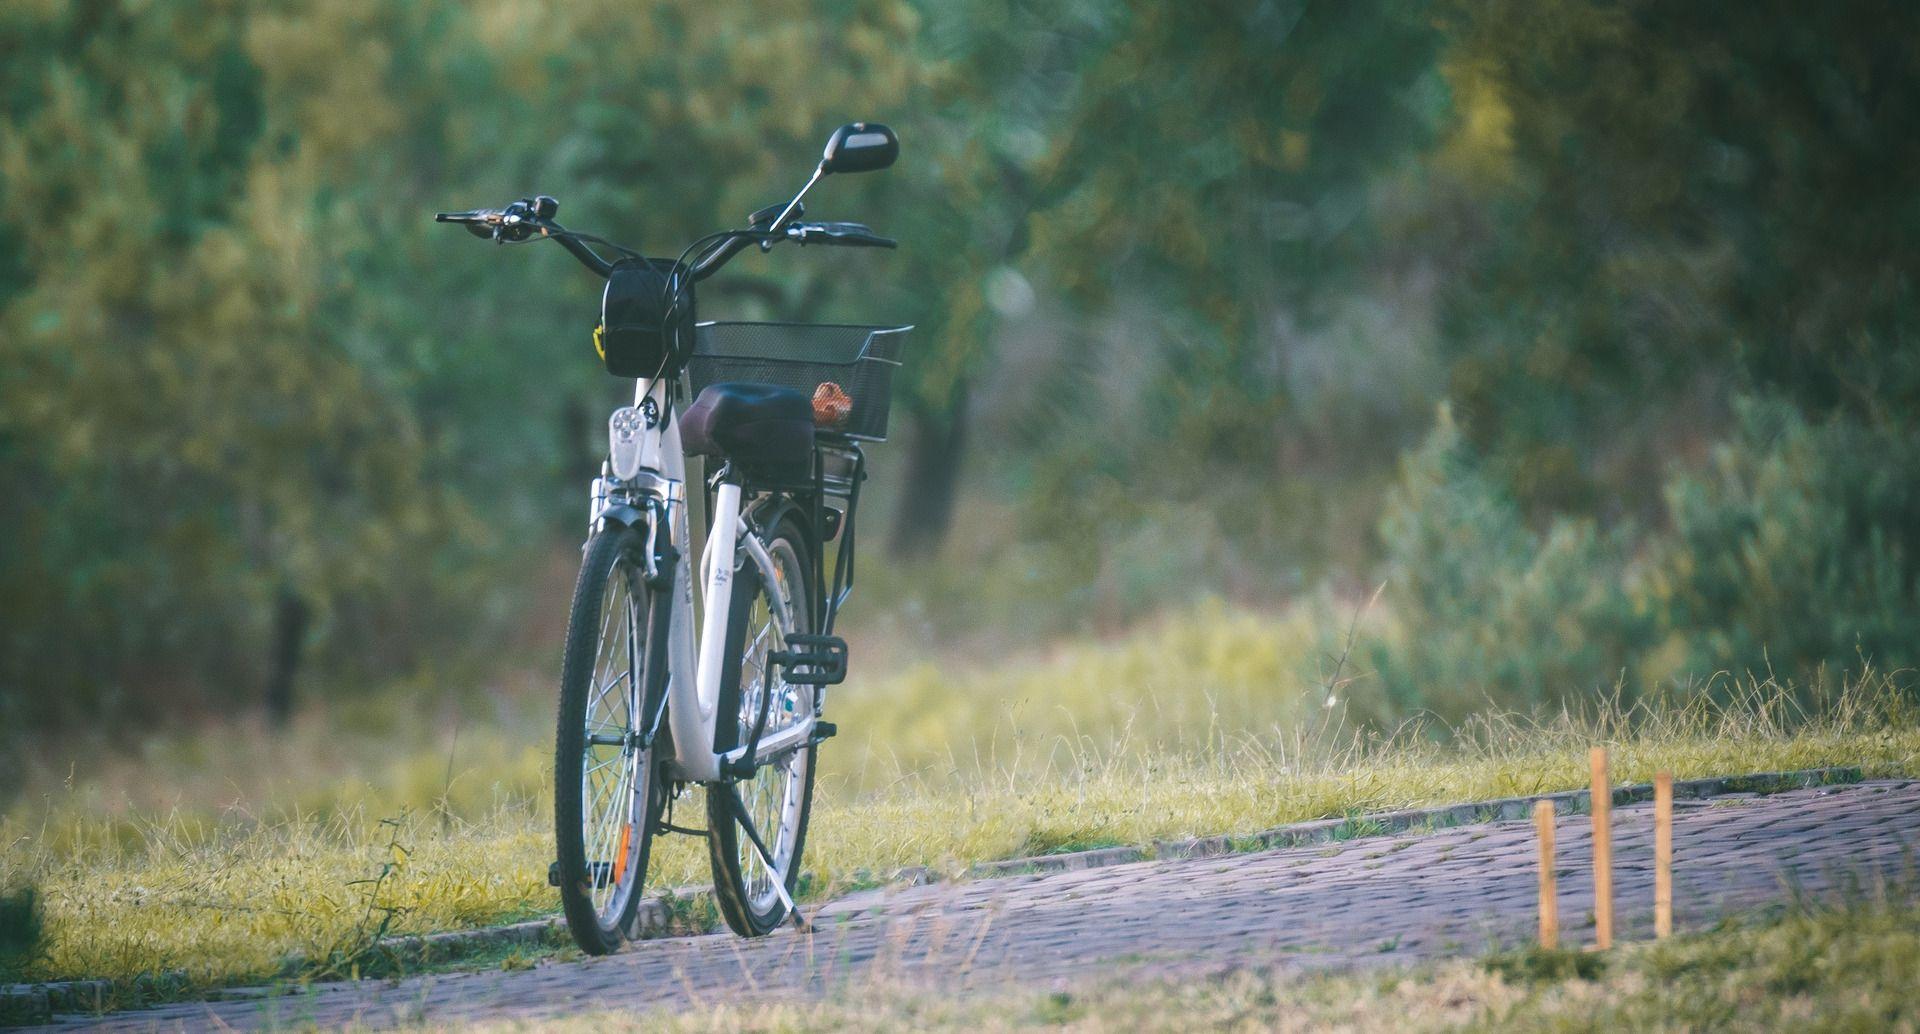 Električno treking kolo nam pomaga, da na izletu lahko uživa cela družina